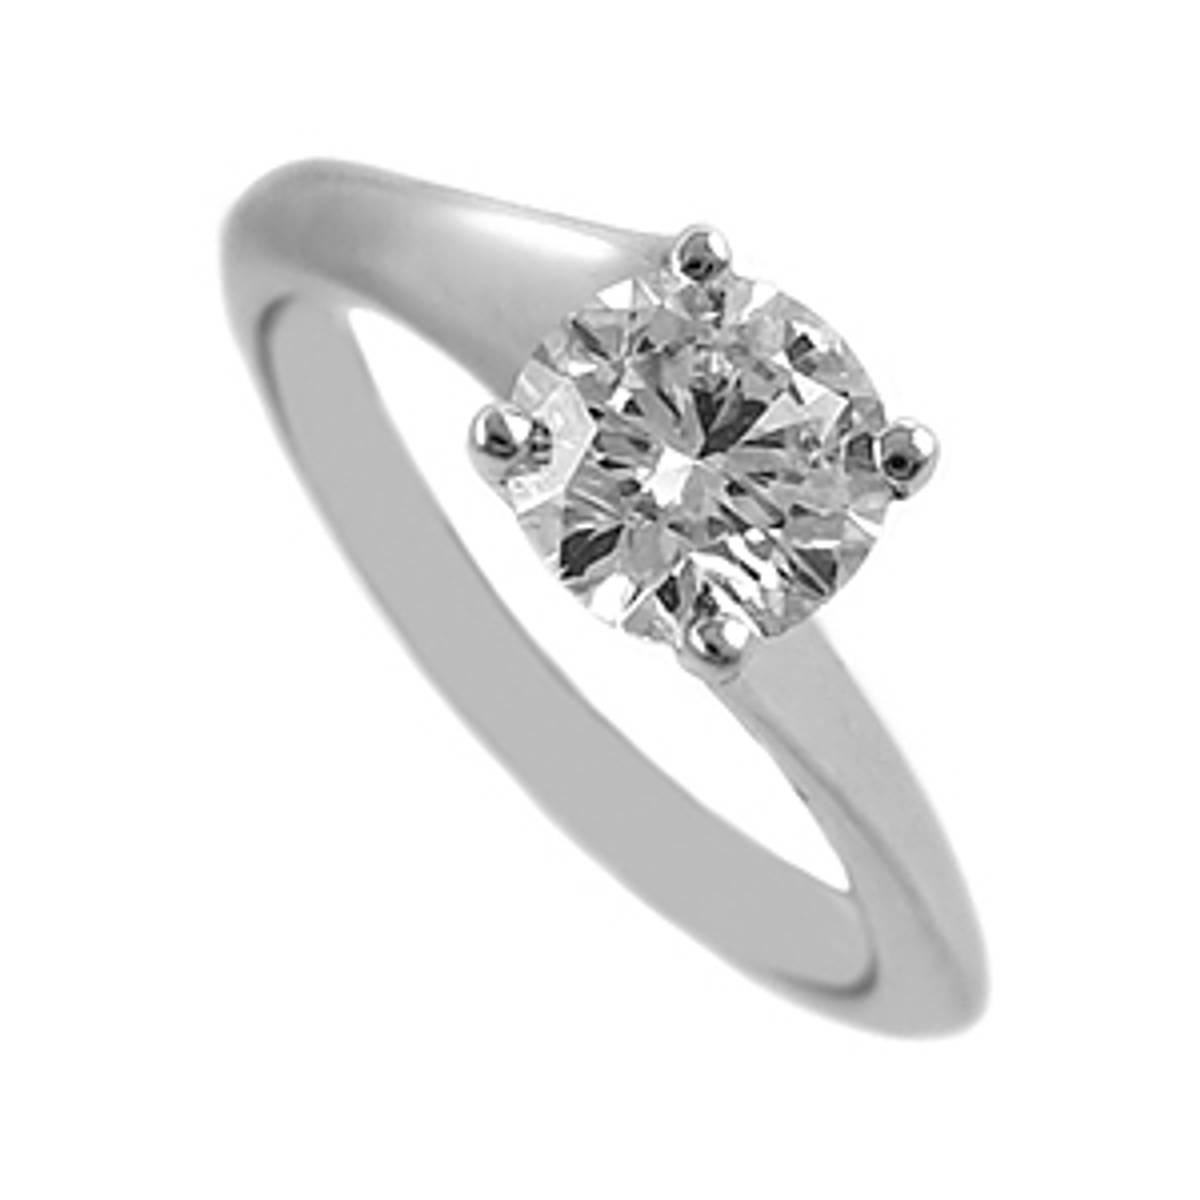 Irish made0.80ct brilliant diamond ring set in 18ct white gold